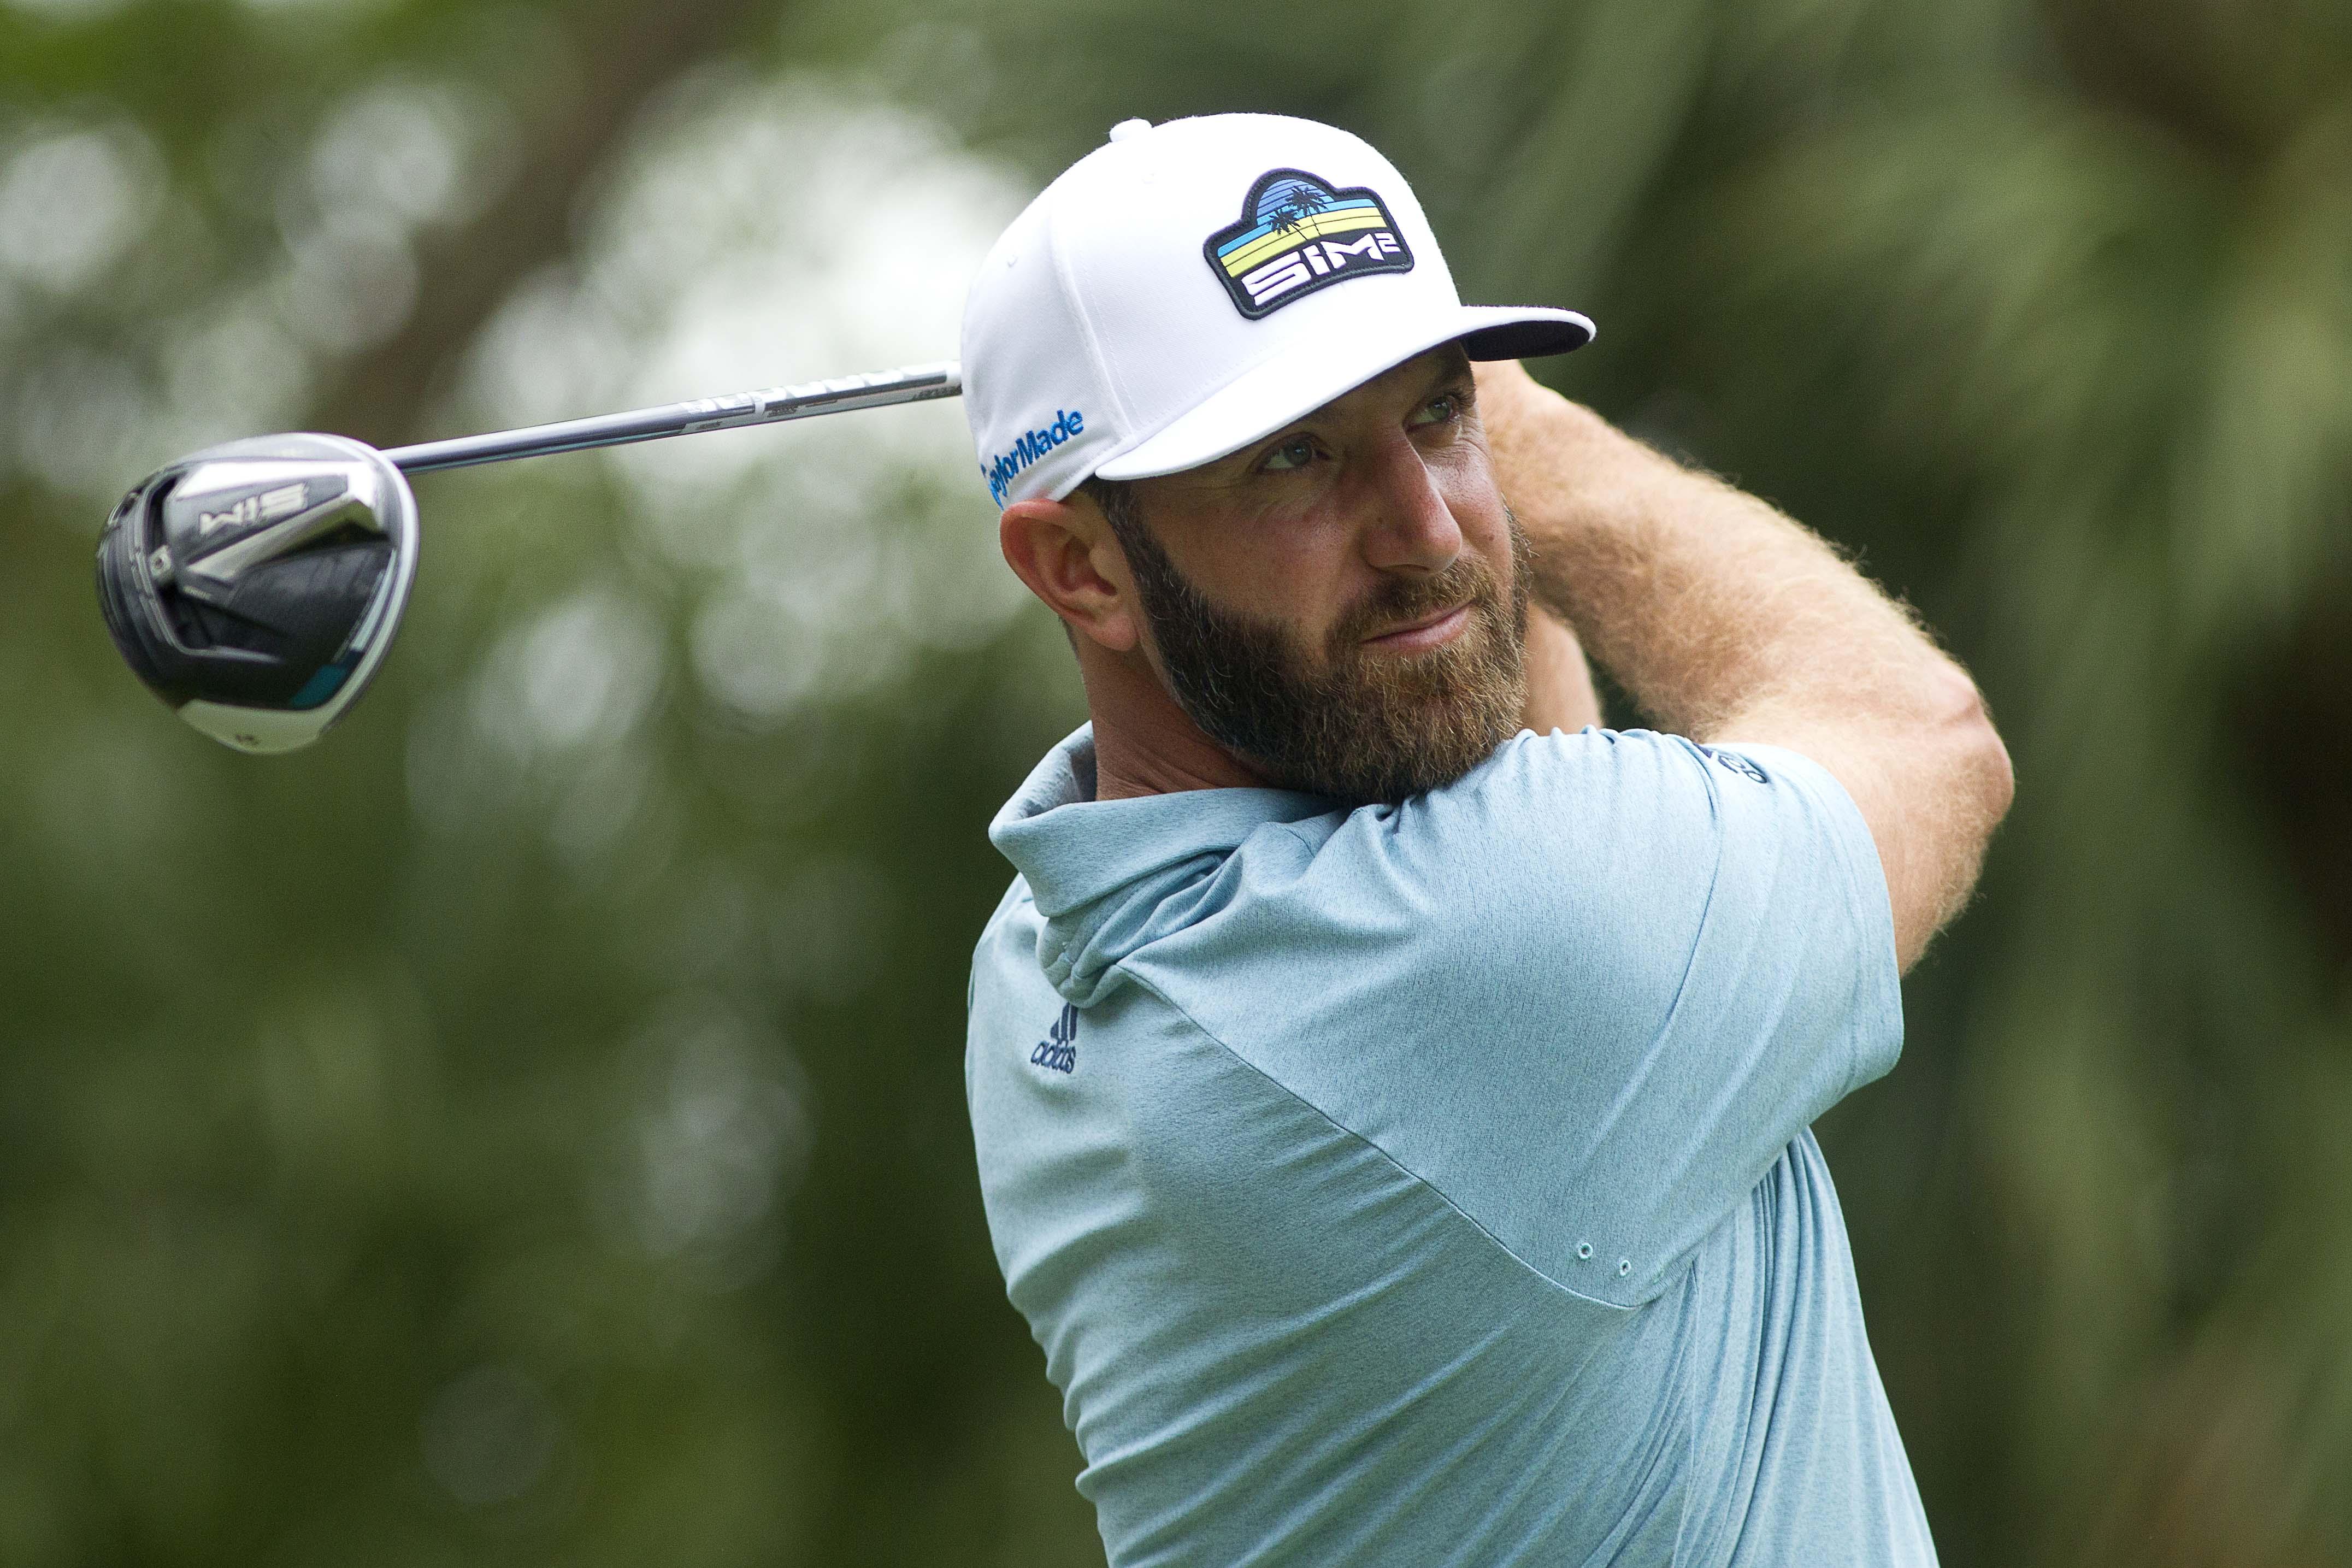 希尔顿黑德,南卡罗莱纳州,美国;在加拿大皇家银行传统高尔夫锦标赛的第一轮比赛中,达斯汀·约翰逊在第九洞开球。强制学分:约书亚·s·凯利